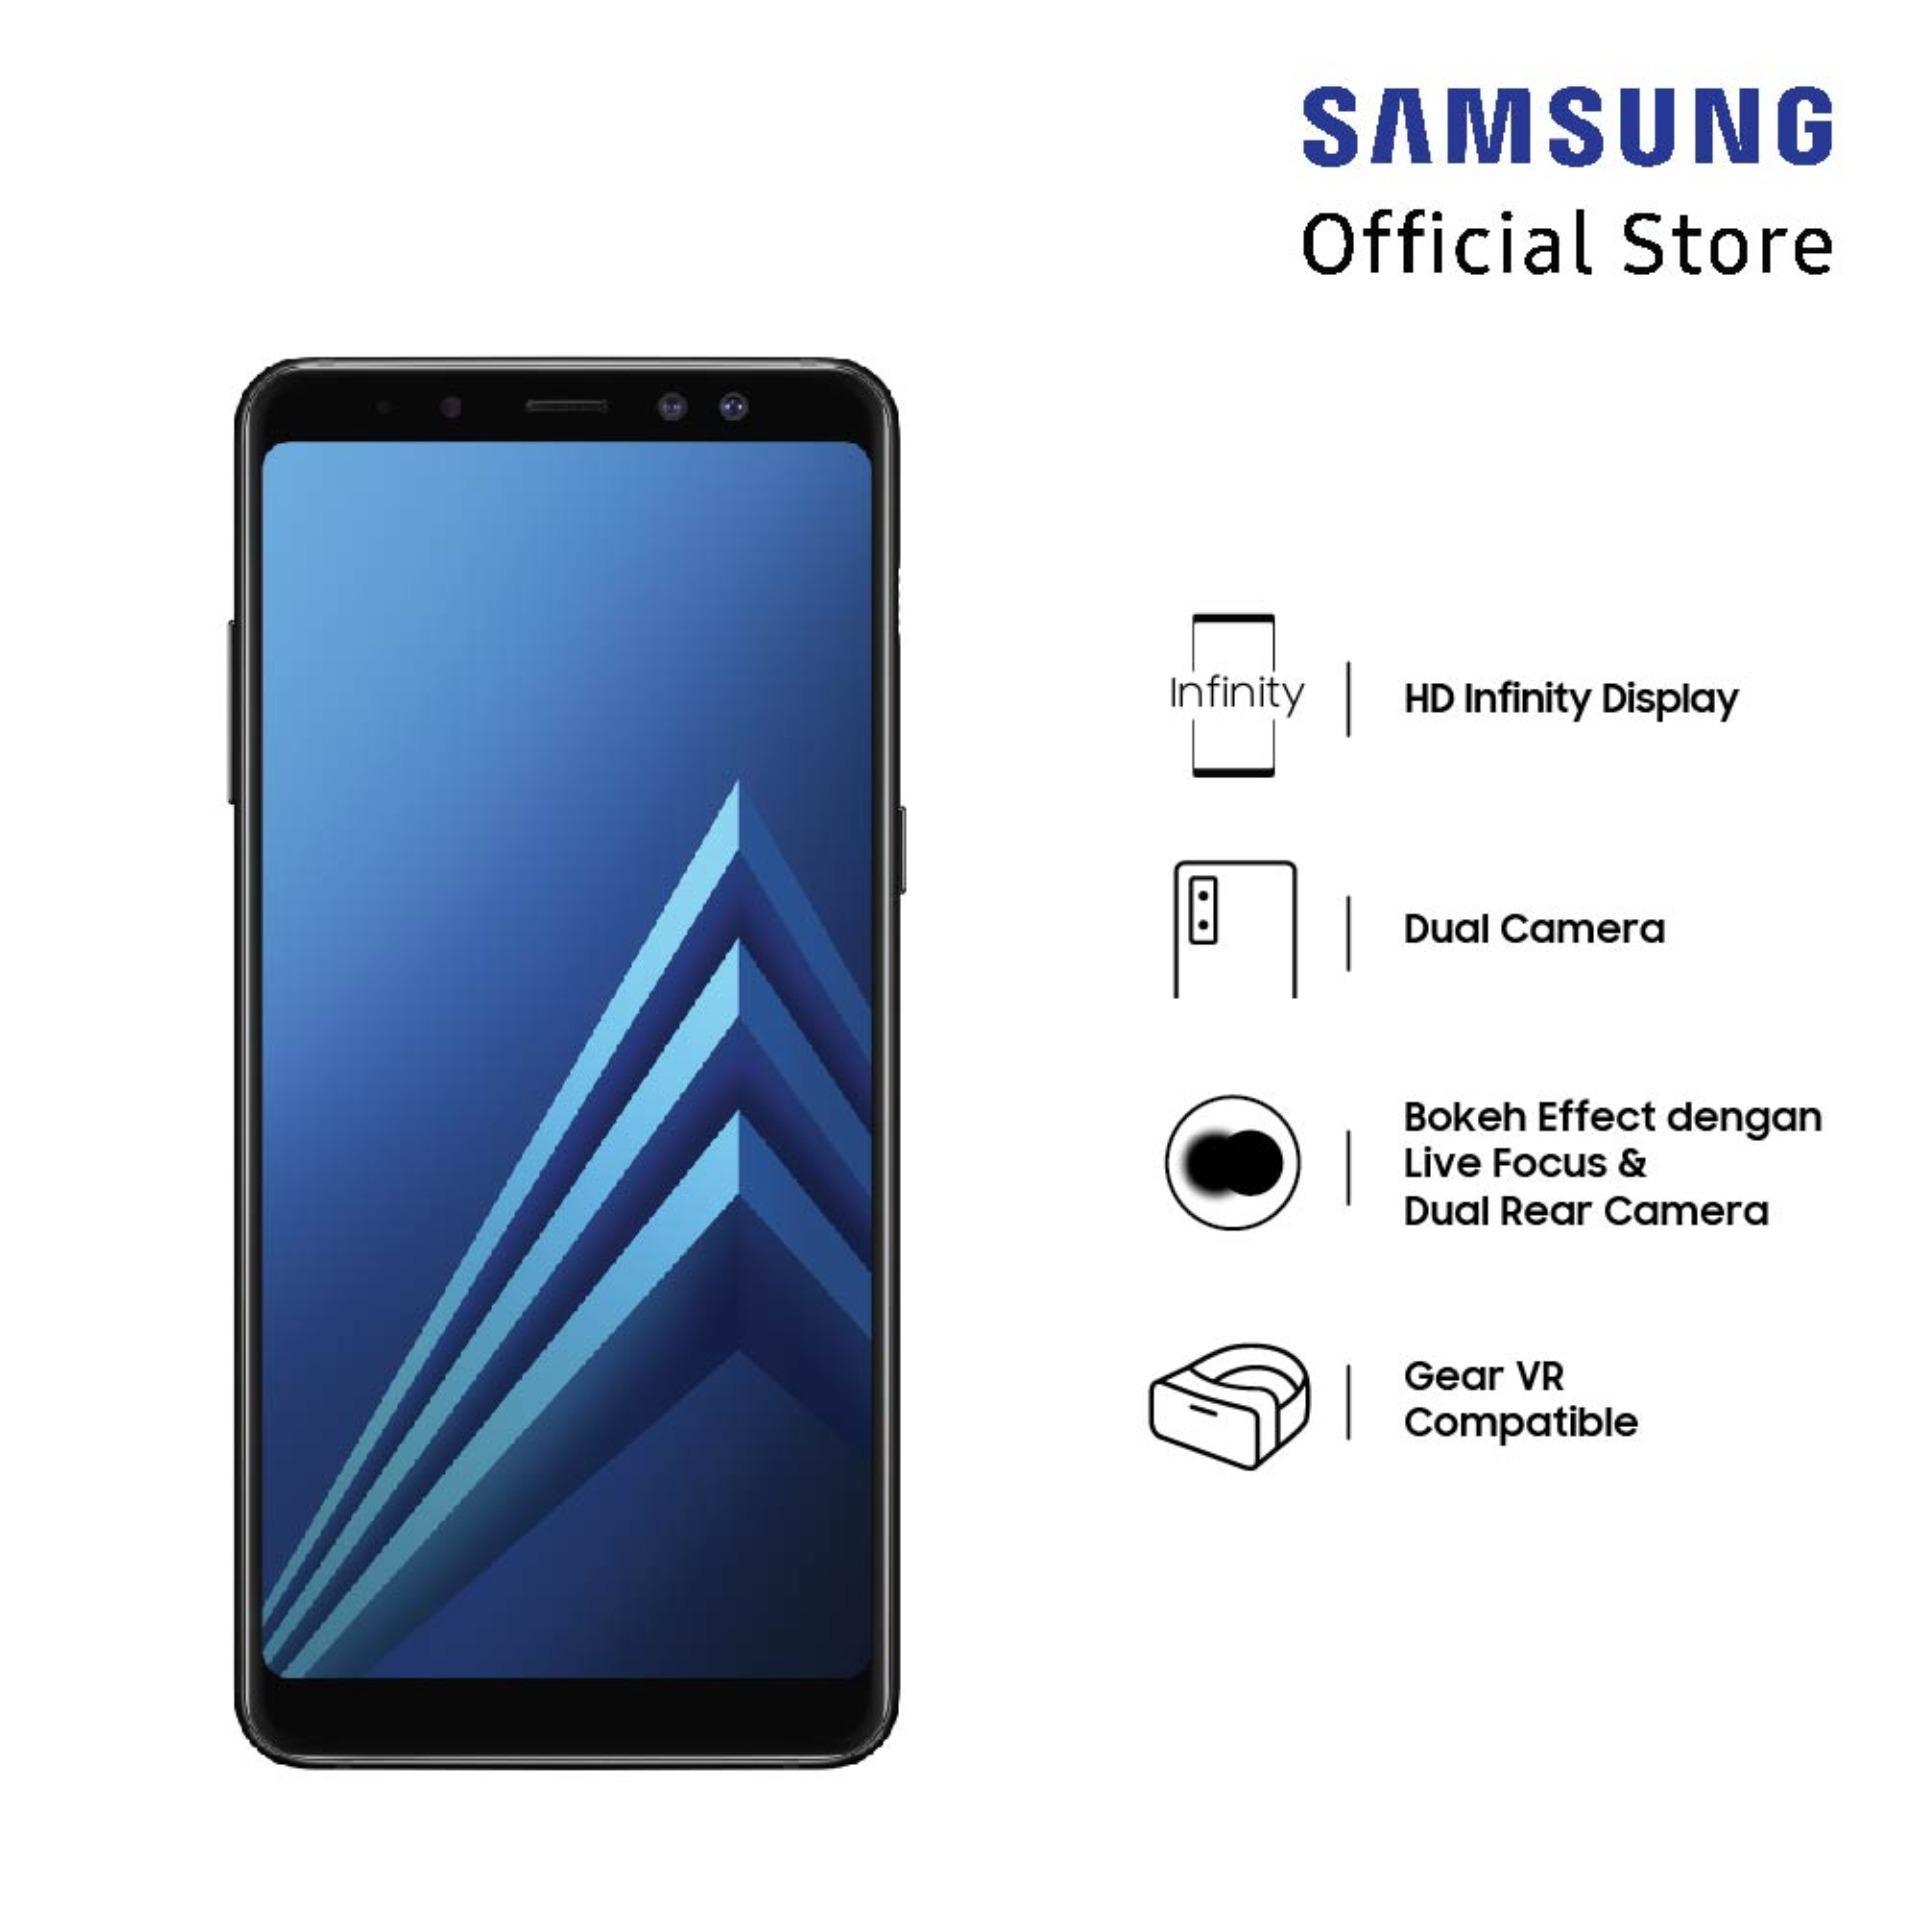 Samsung Galaxy A8+ Black 6/64 GB